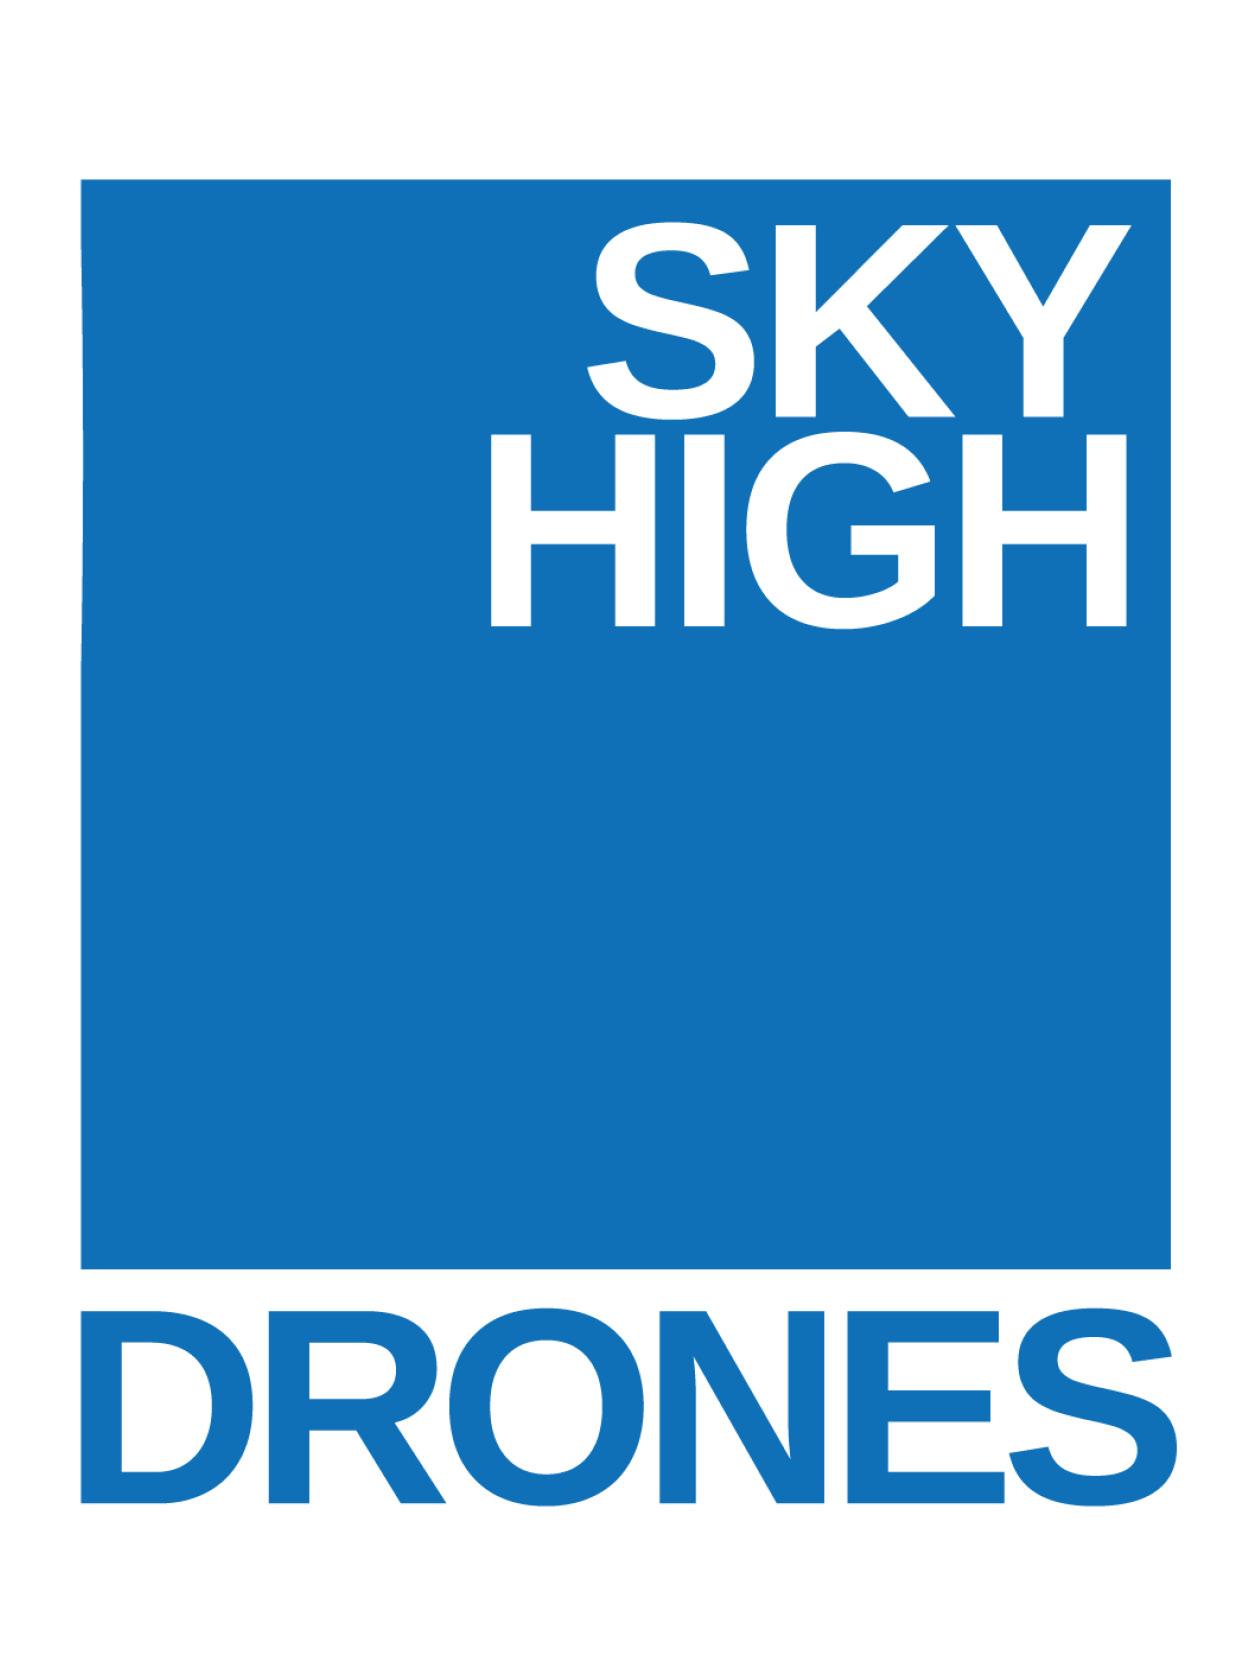 Sky High Drones